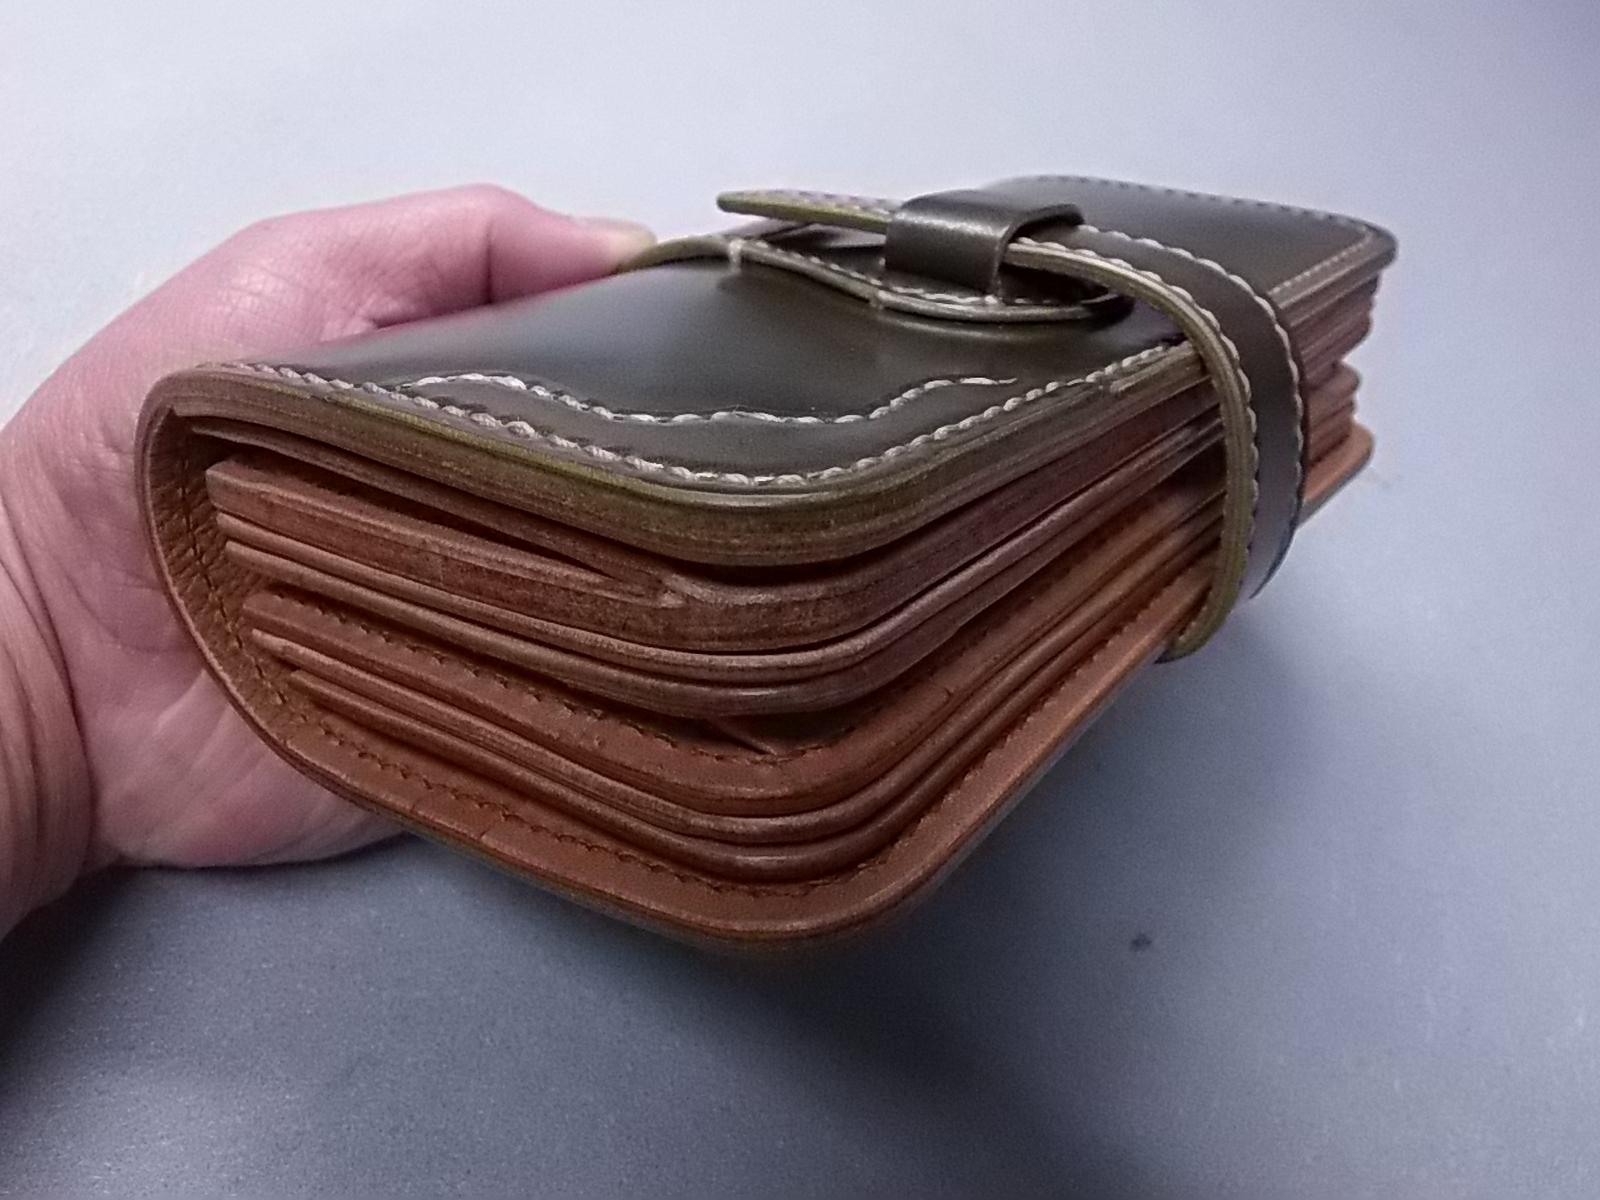 100万円は収まる極厚ウォレットの製作